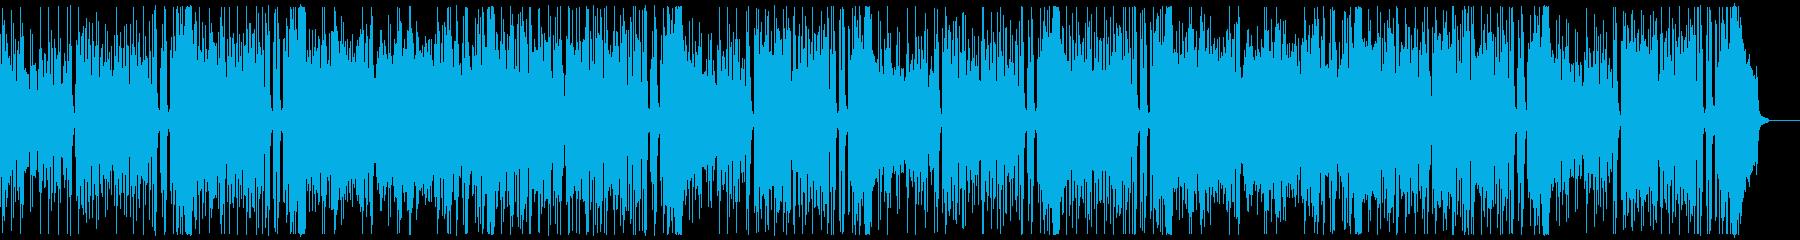 明るく楽しいロックンロール:フルx2の再生済みの波形